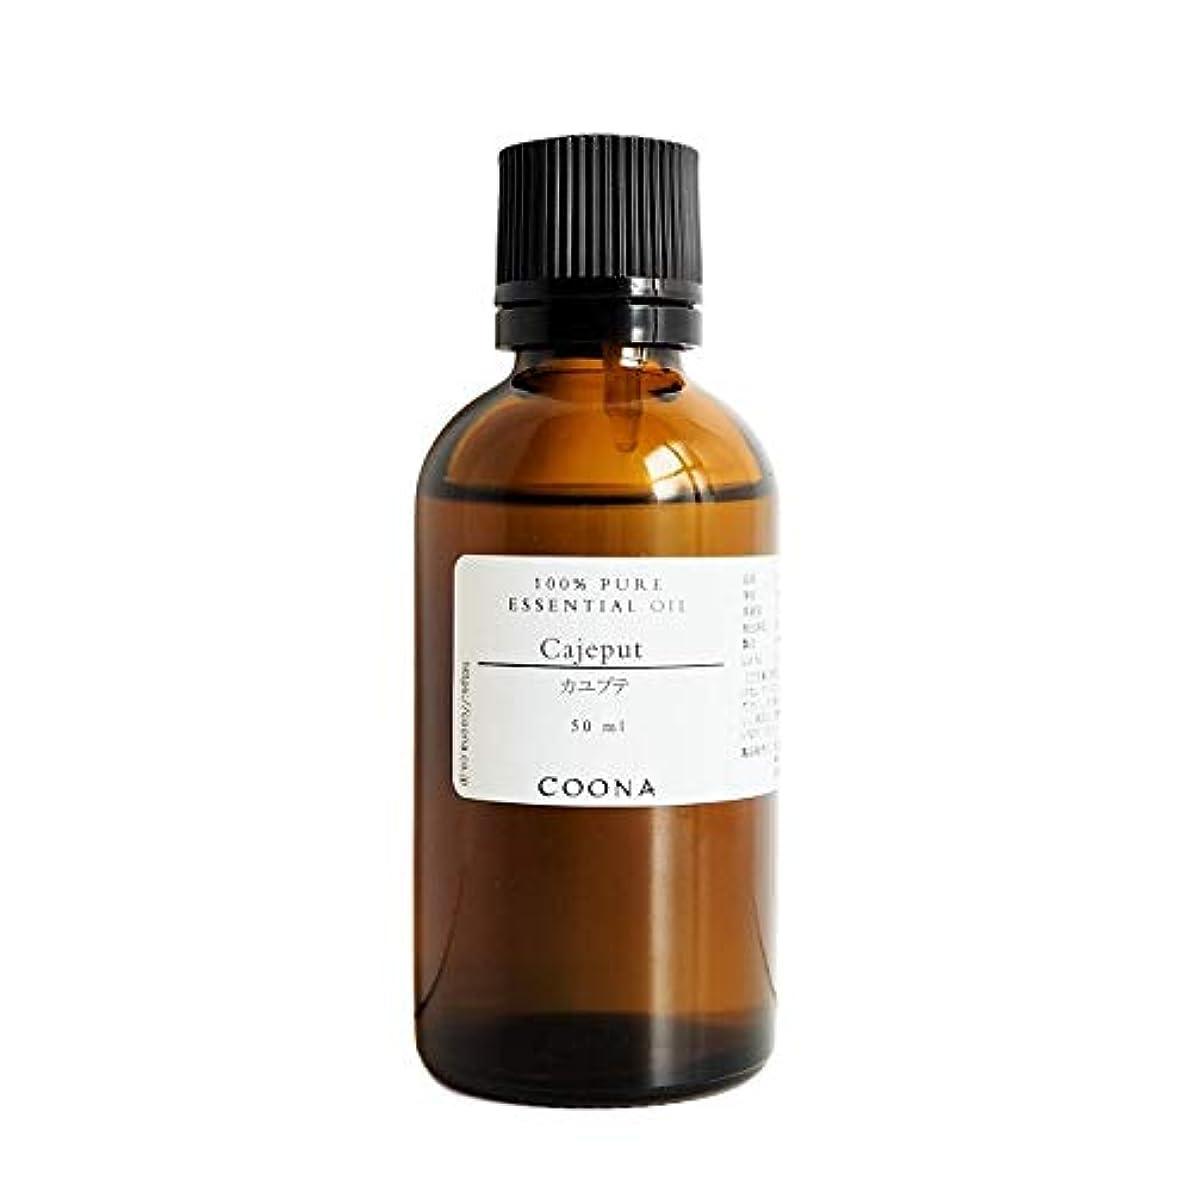 辛な見る人力強いカユプテ 50 ml (COONA エッセンシャルオイル アロマオイル 100%天然植物精油)